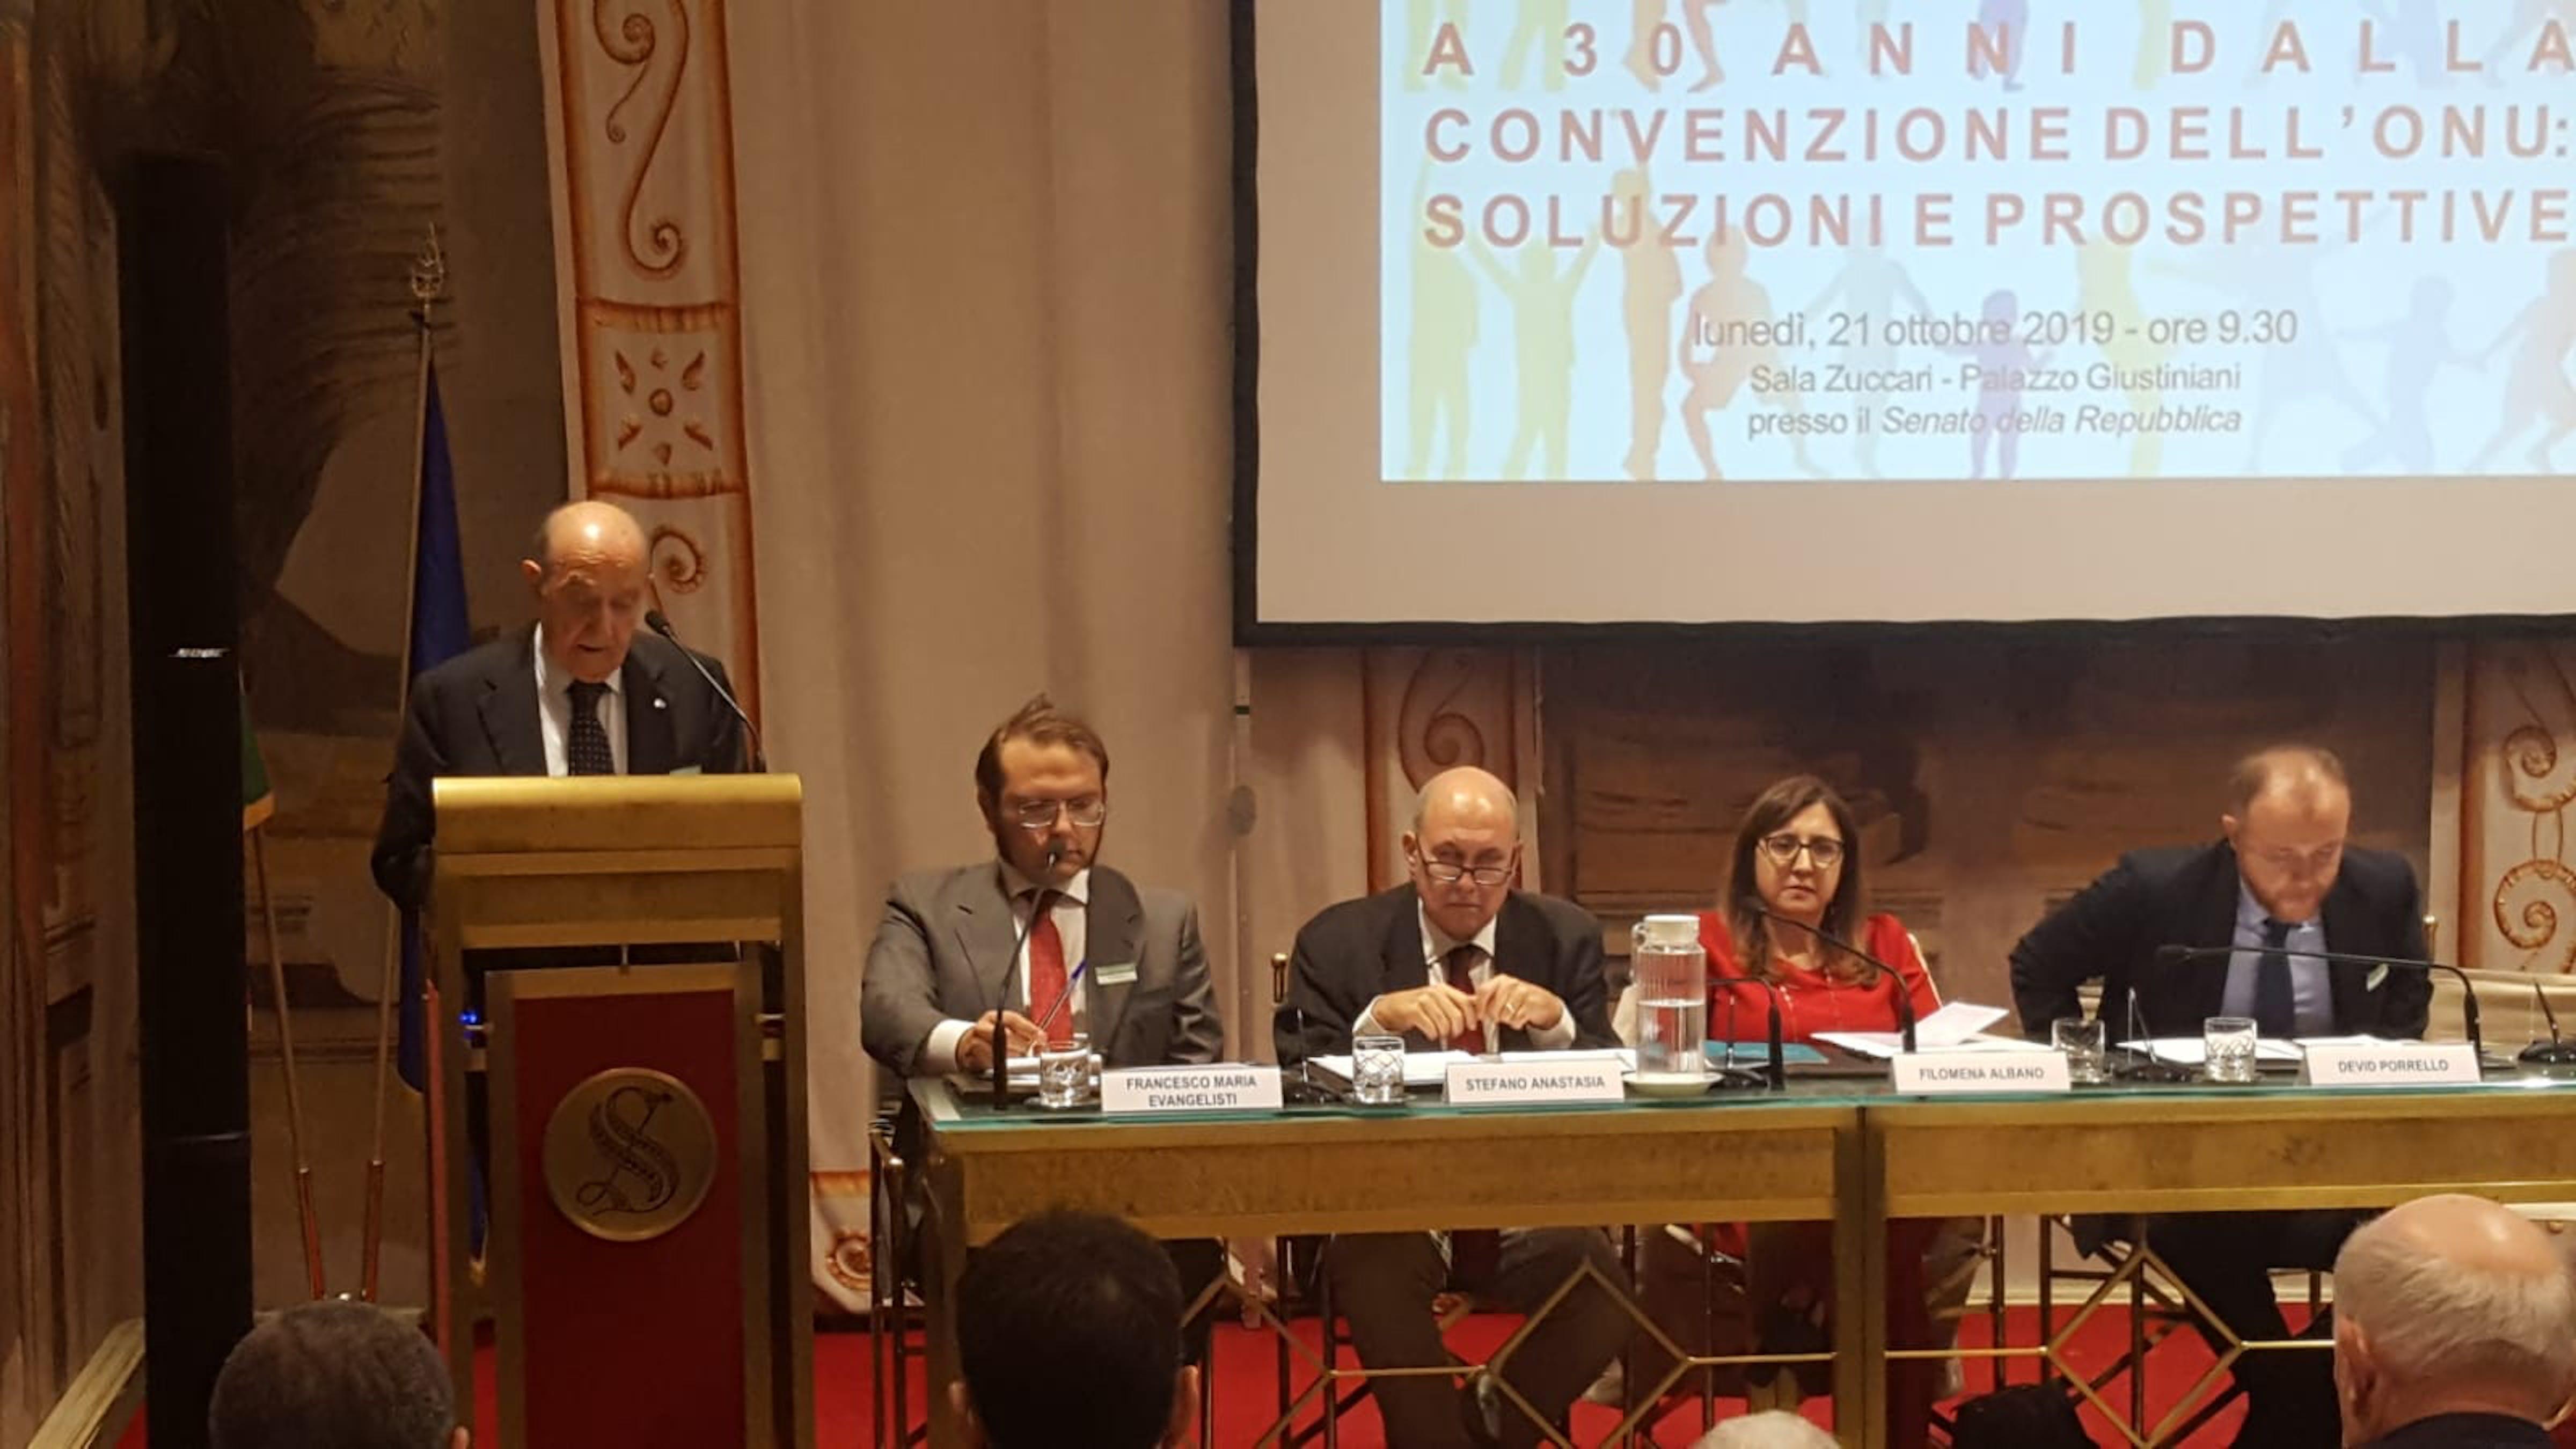 Un momento dell'intervento del presidente dell'UNICEF Italia Francesco Samengo al convegno sul trentennale della Convenzione sui diritti dell'infanzia al Senato - ©UNICEF Italia/2019/L.Bellini